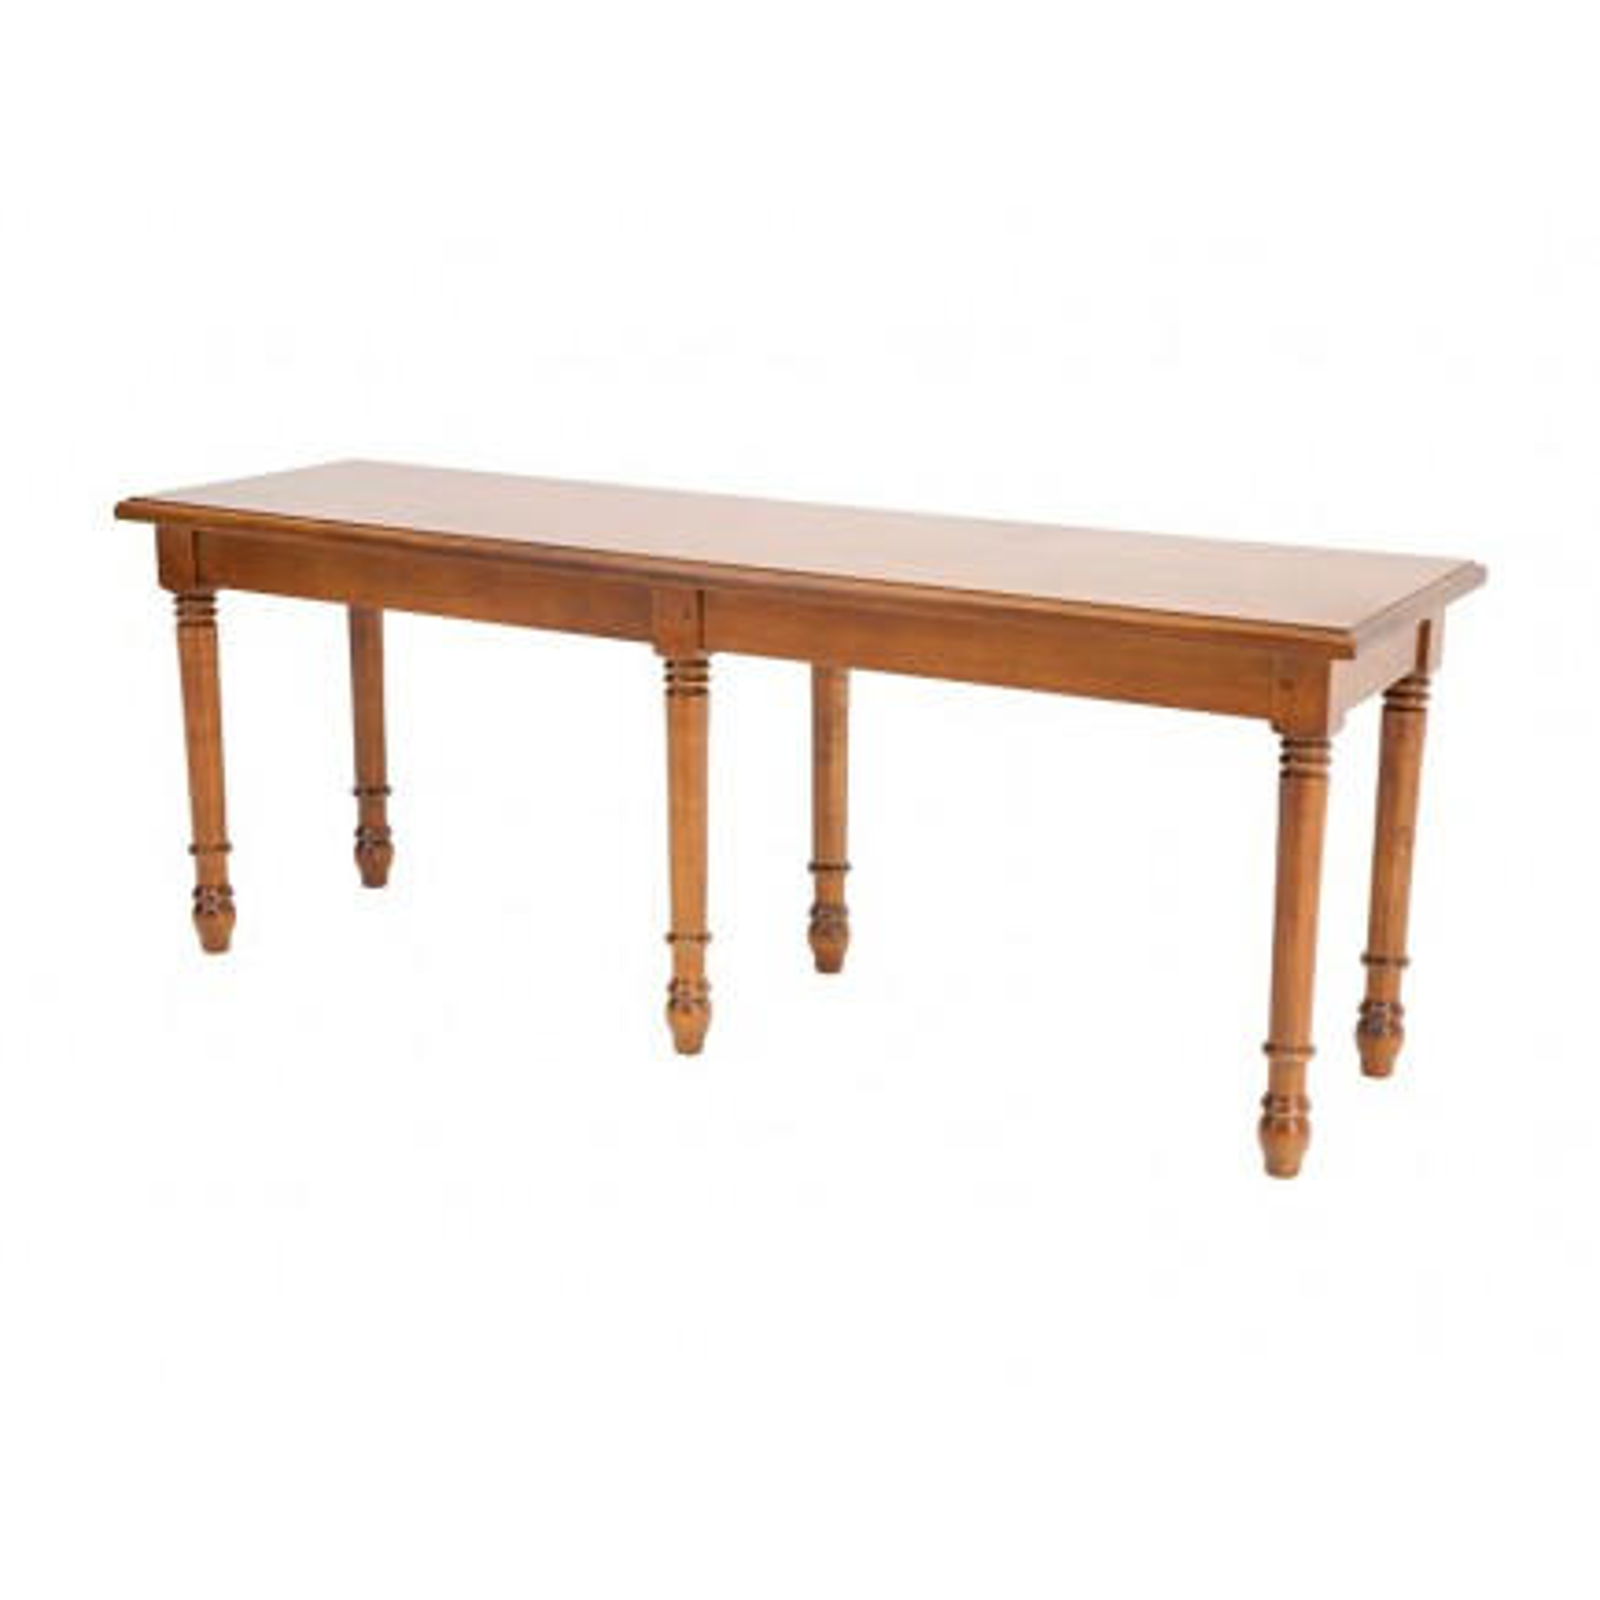 Banc Tradition Hévéa - meuble style classique